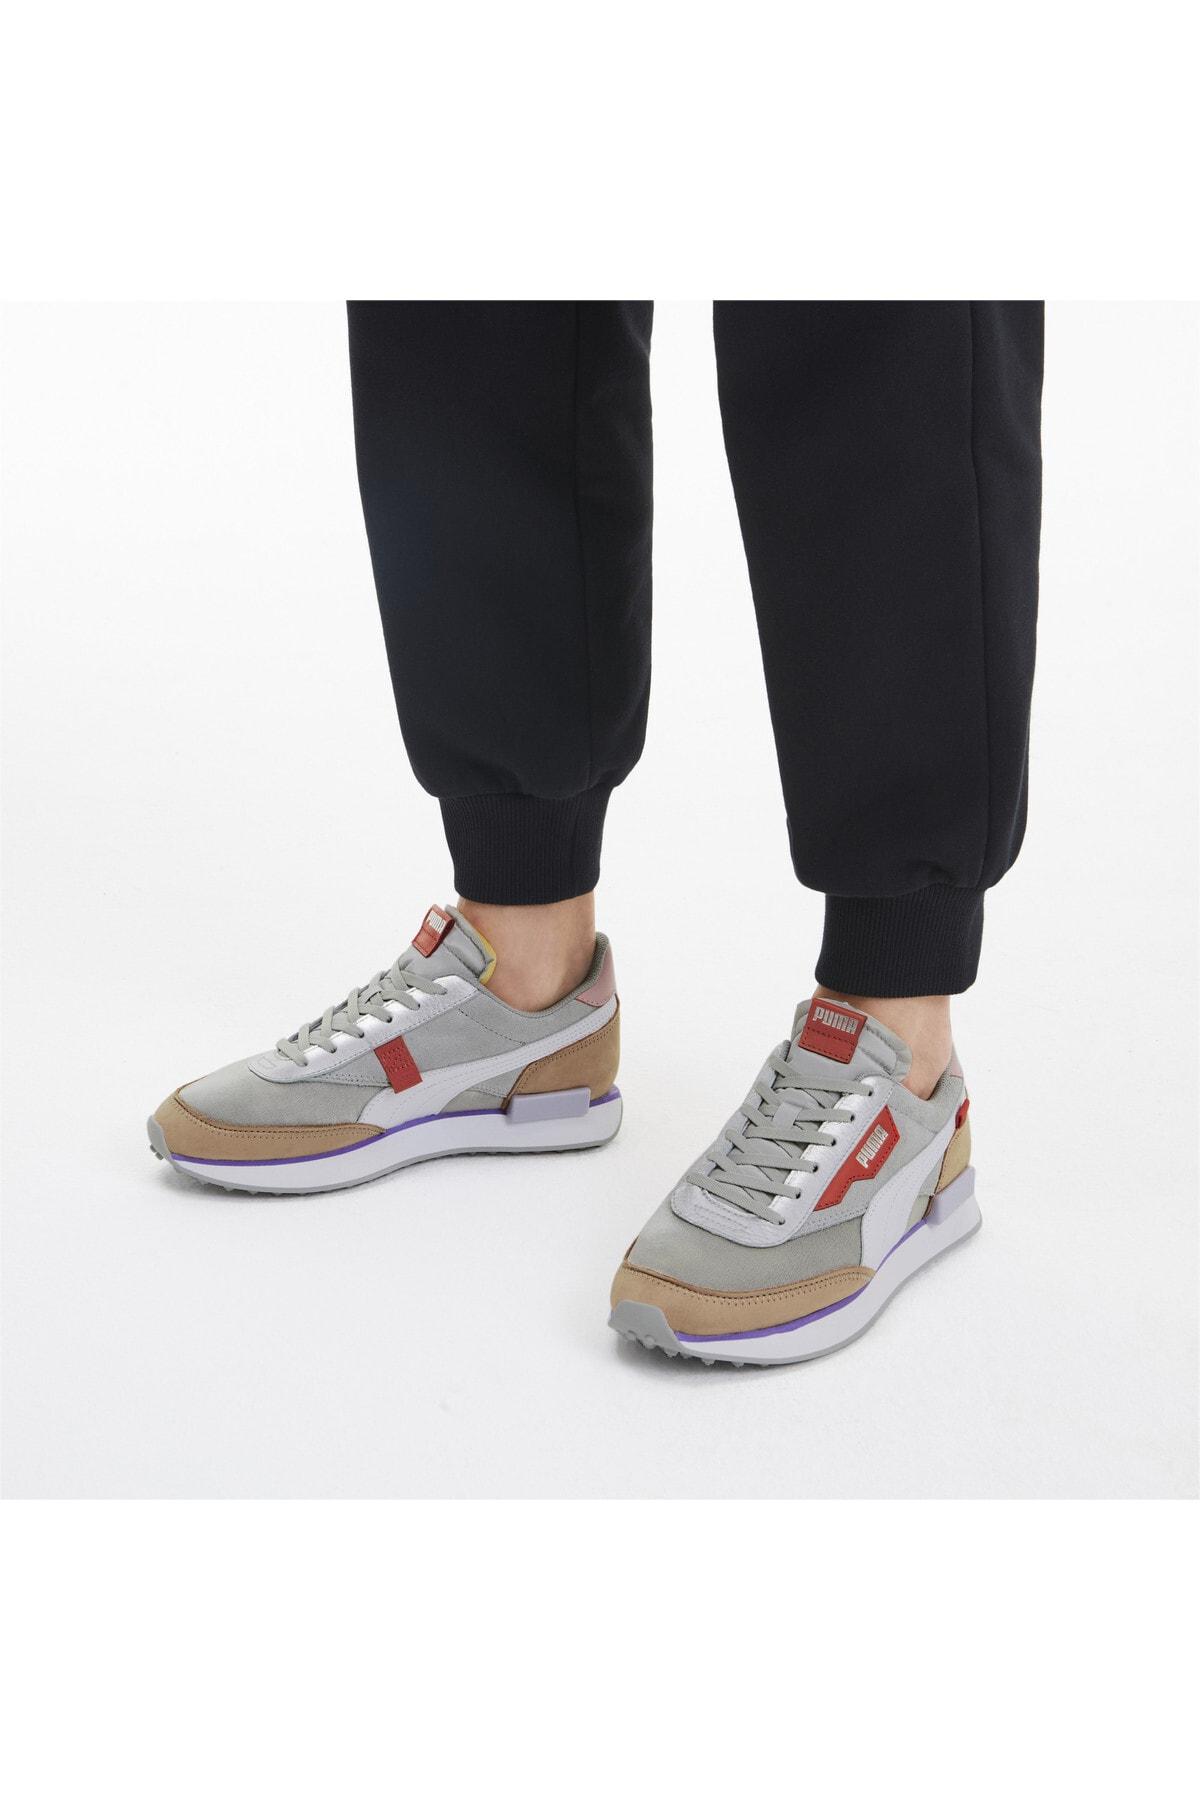 Puma FUTURE RIDER Royale Kadın Ayakkabı 1